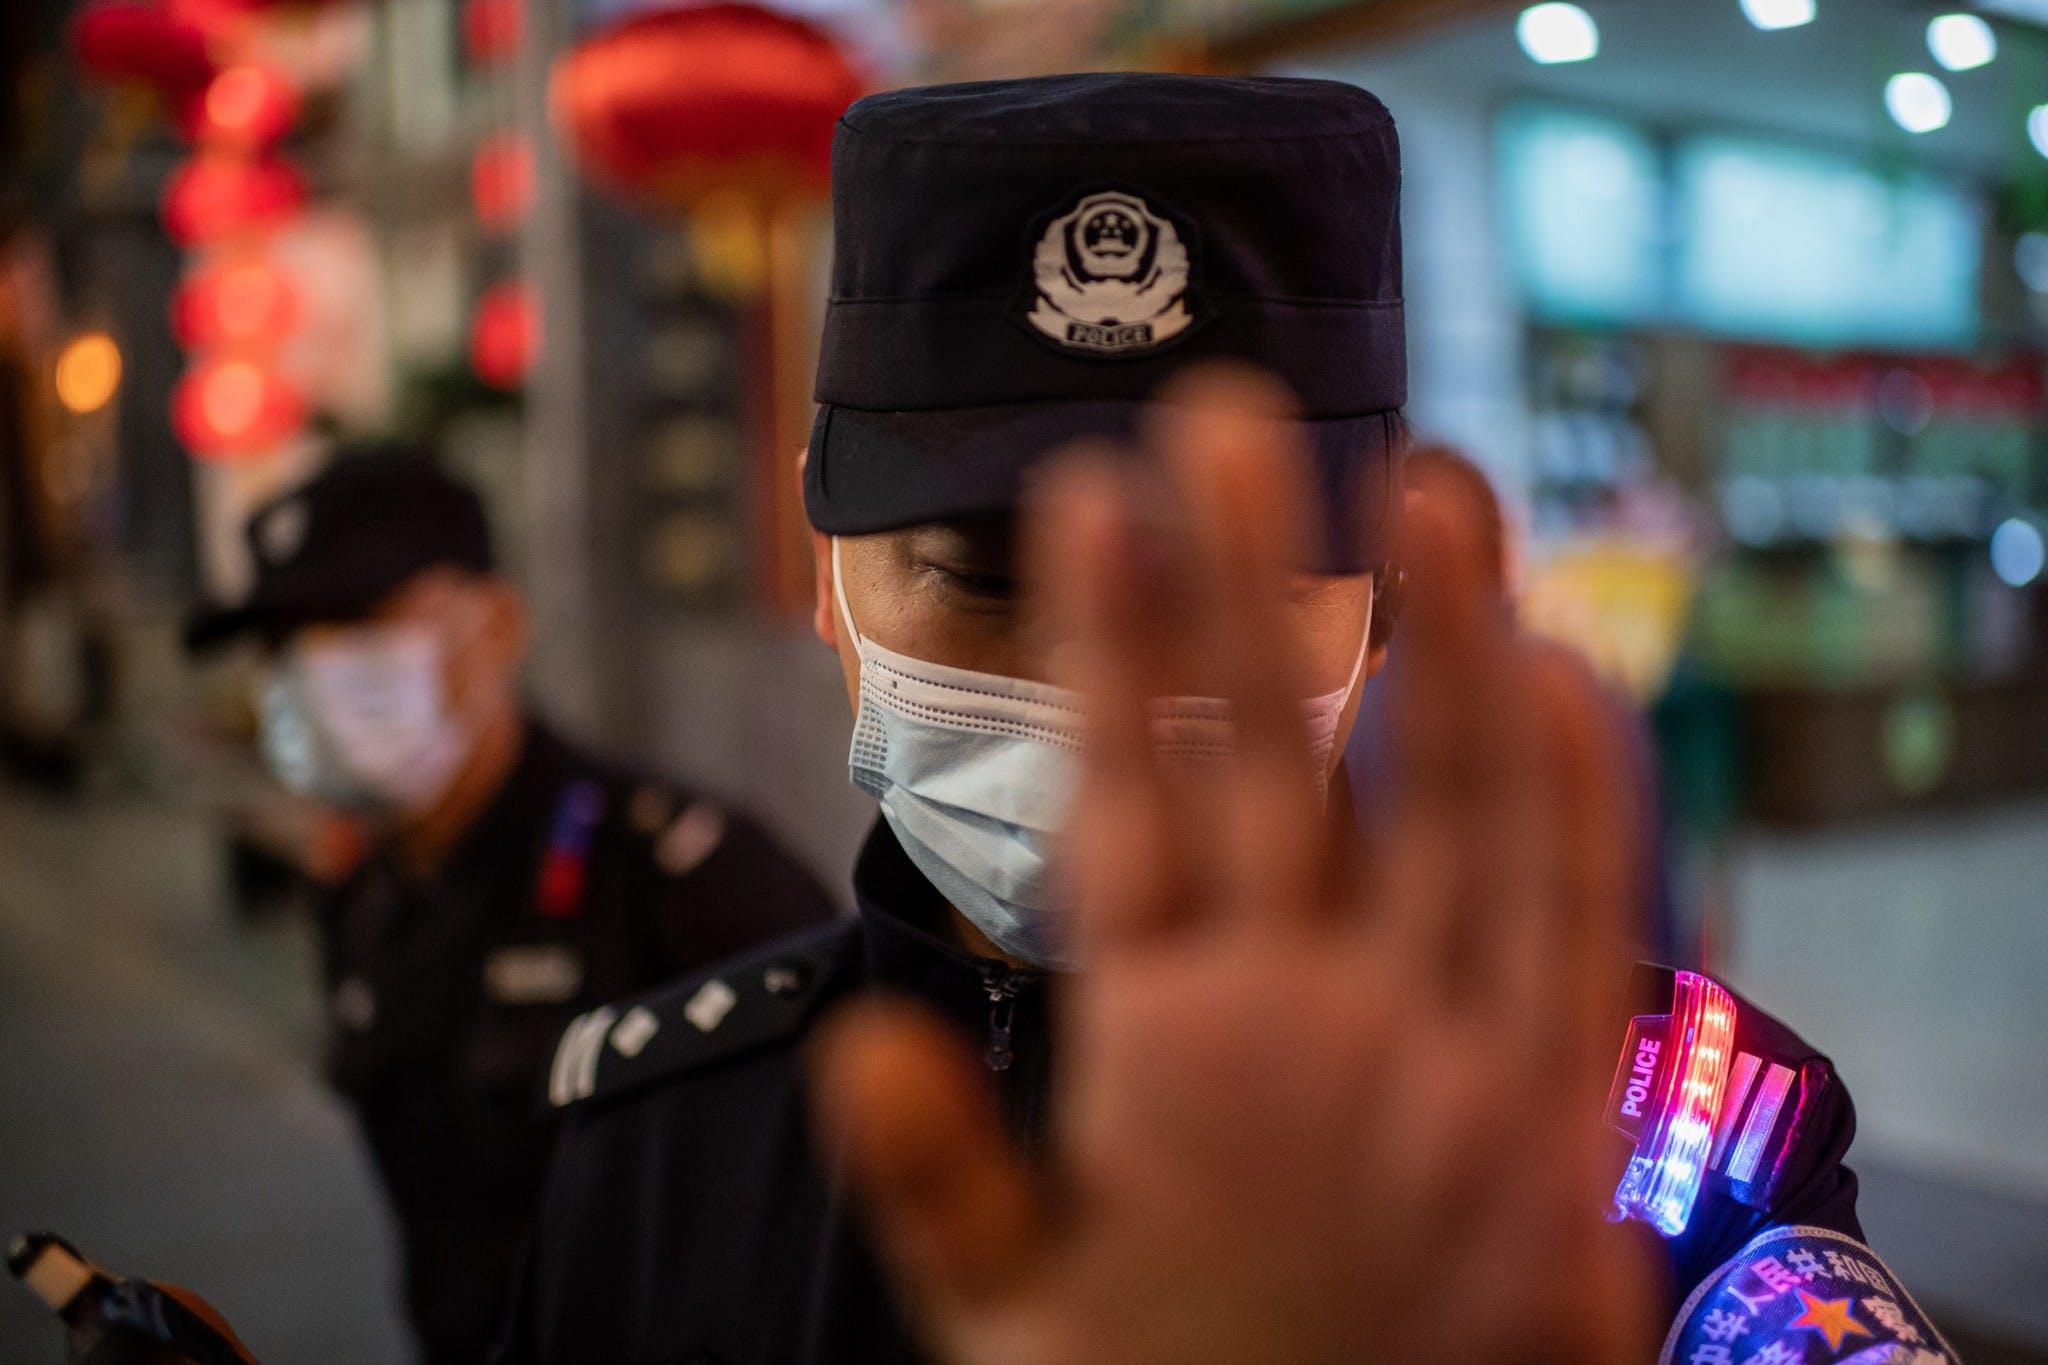 Un agent de police portant un masque facial par mesure de prévention contre le Covid-19 (nouveau coronavirus) tente d'empêcher un photojournaliste de prendre des photos dans une rue à l'extérieur d'un complexe commercial à Pékin, le 13 octobre 2020.